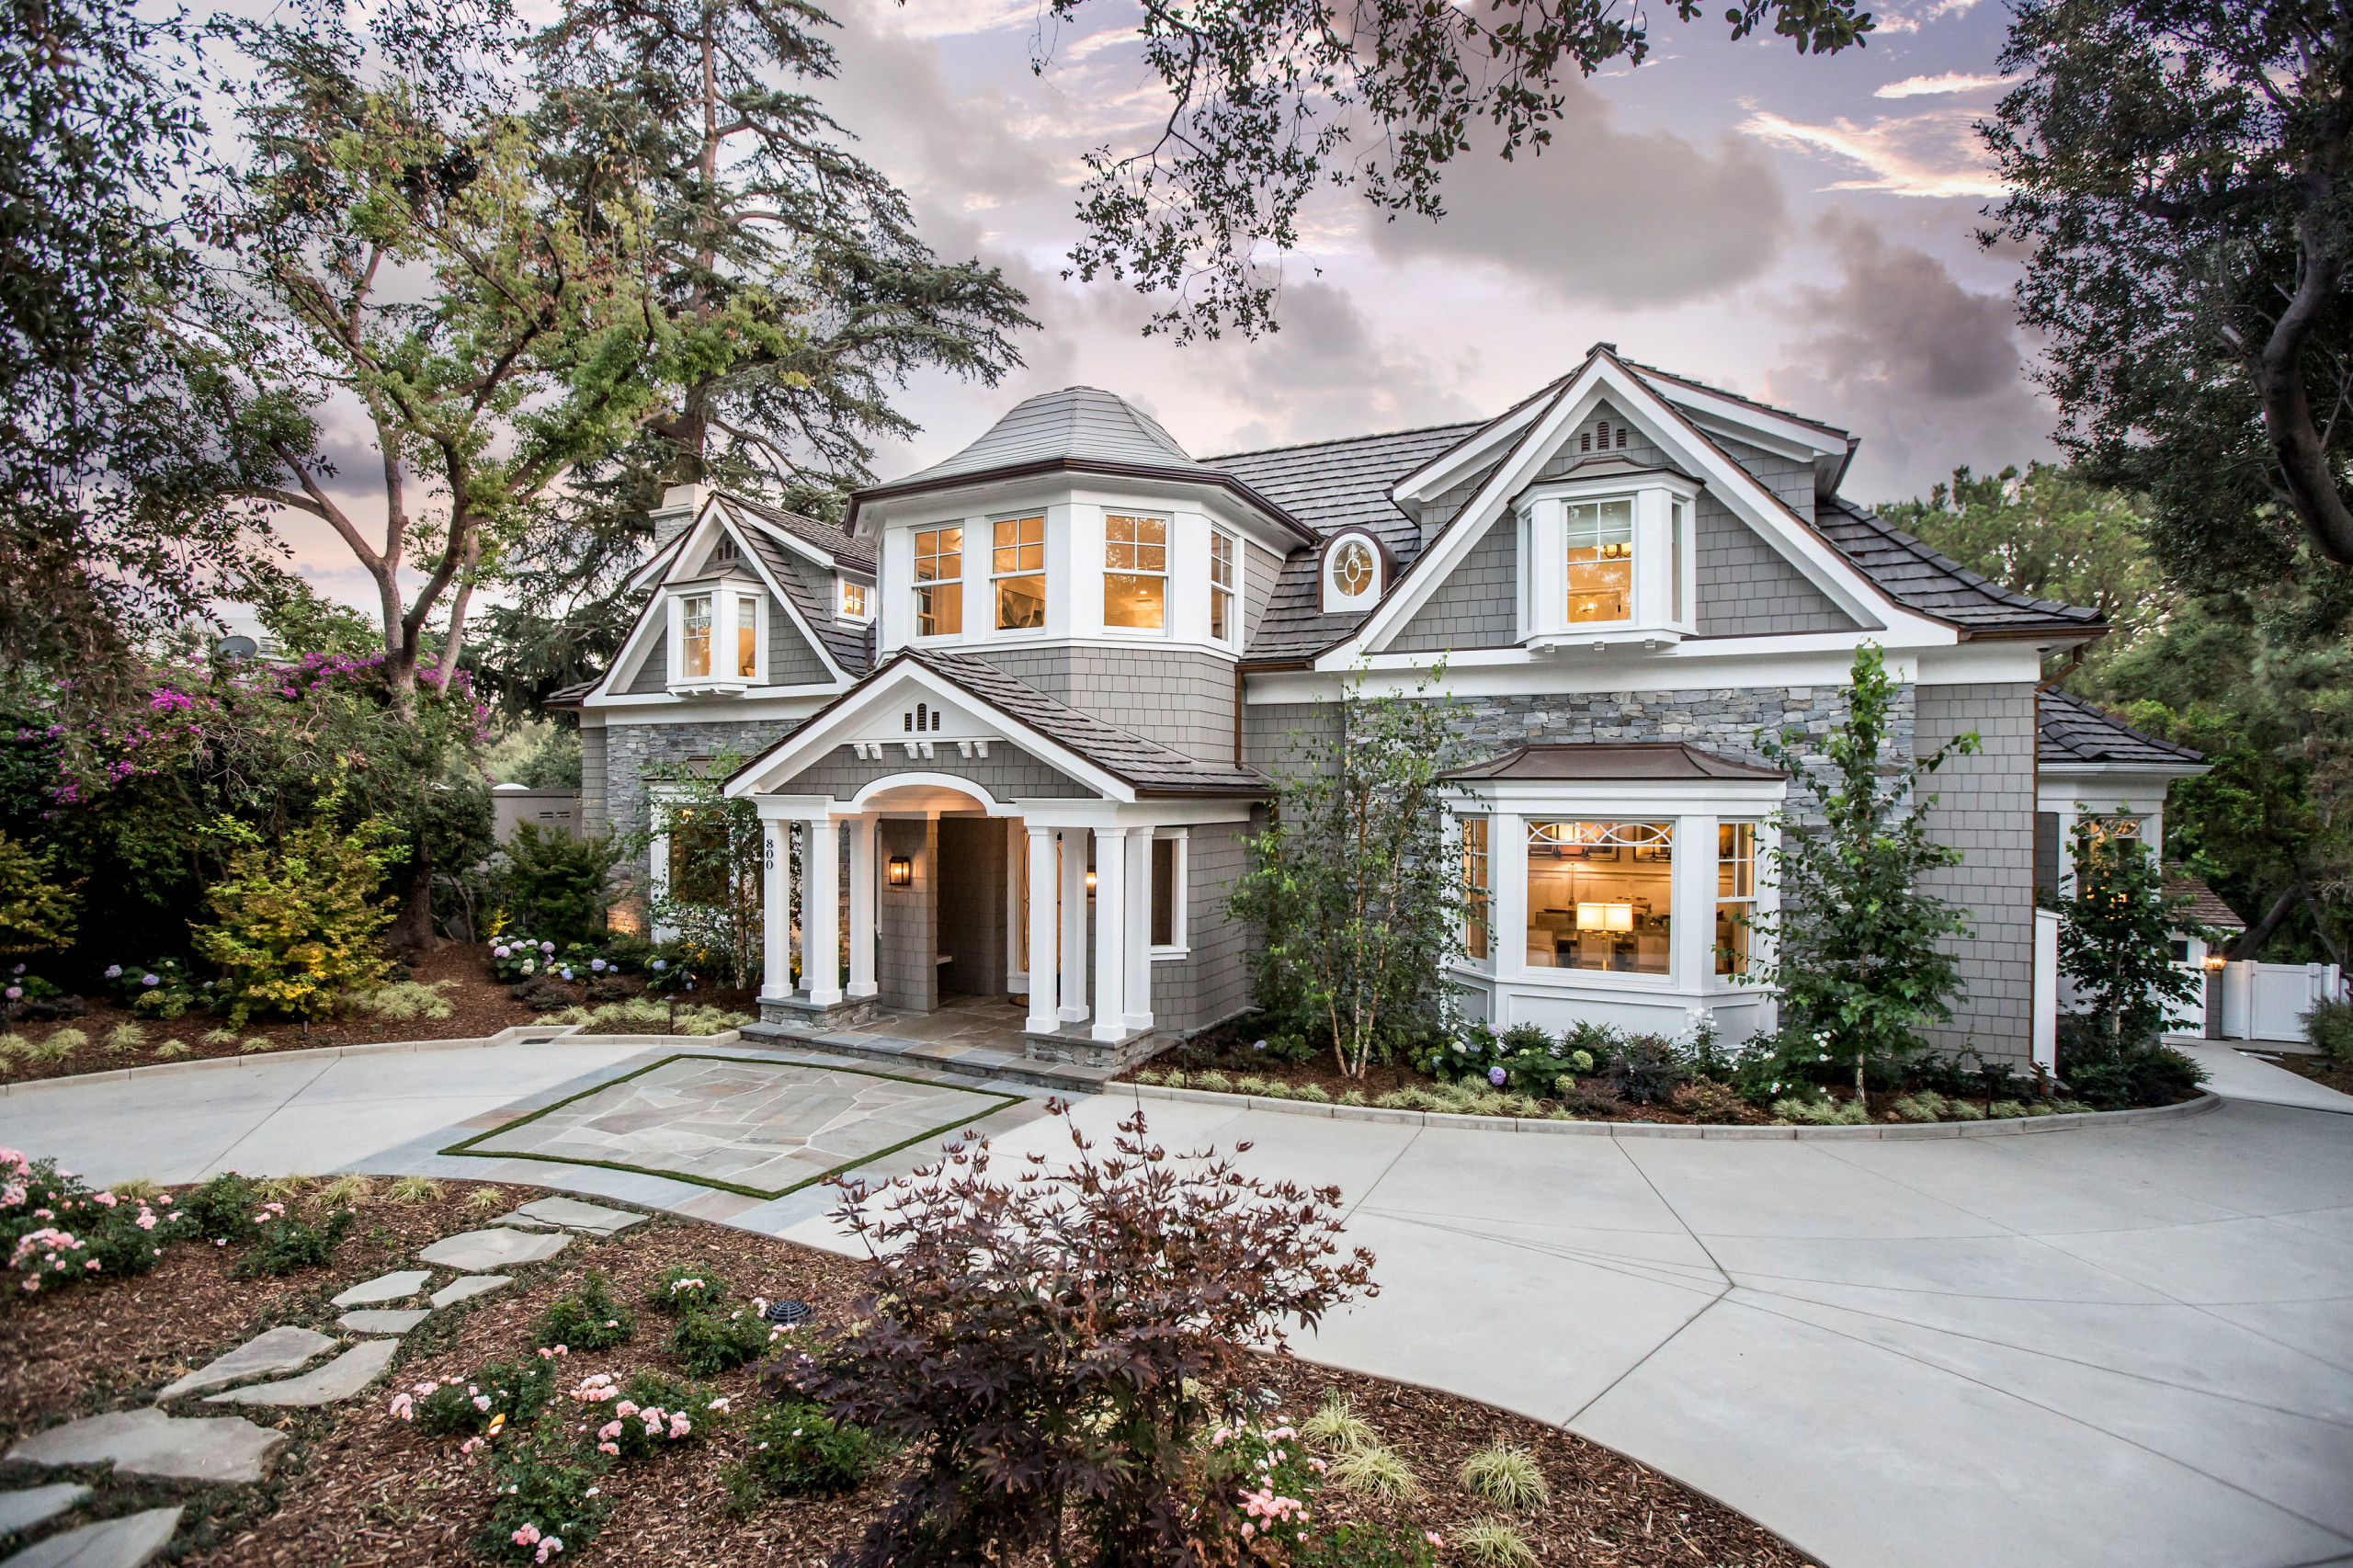 Cape Cod Residence in Pasadena